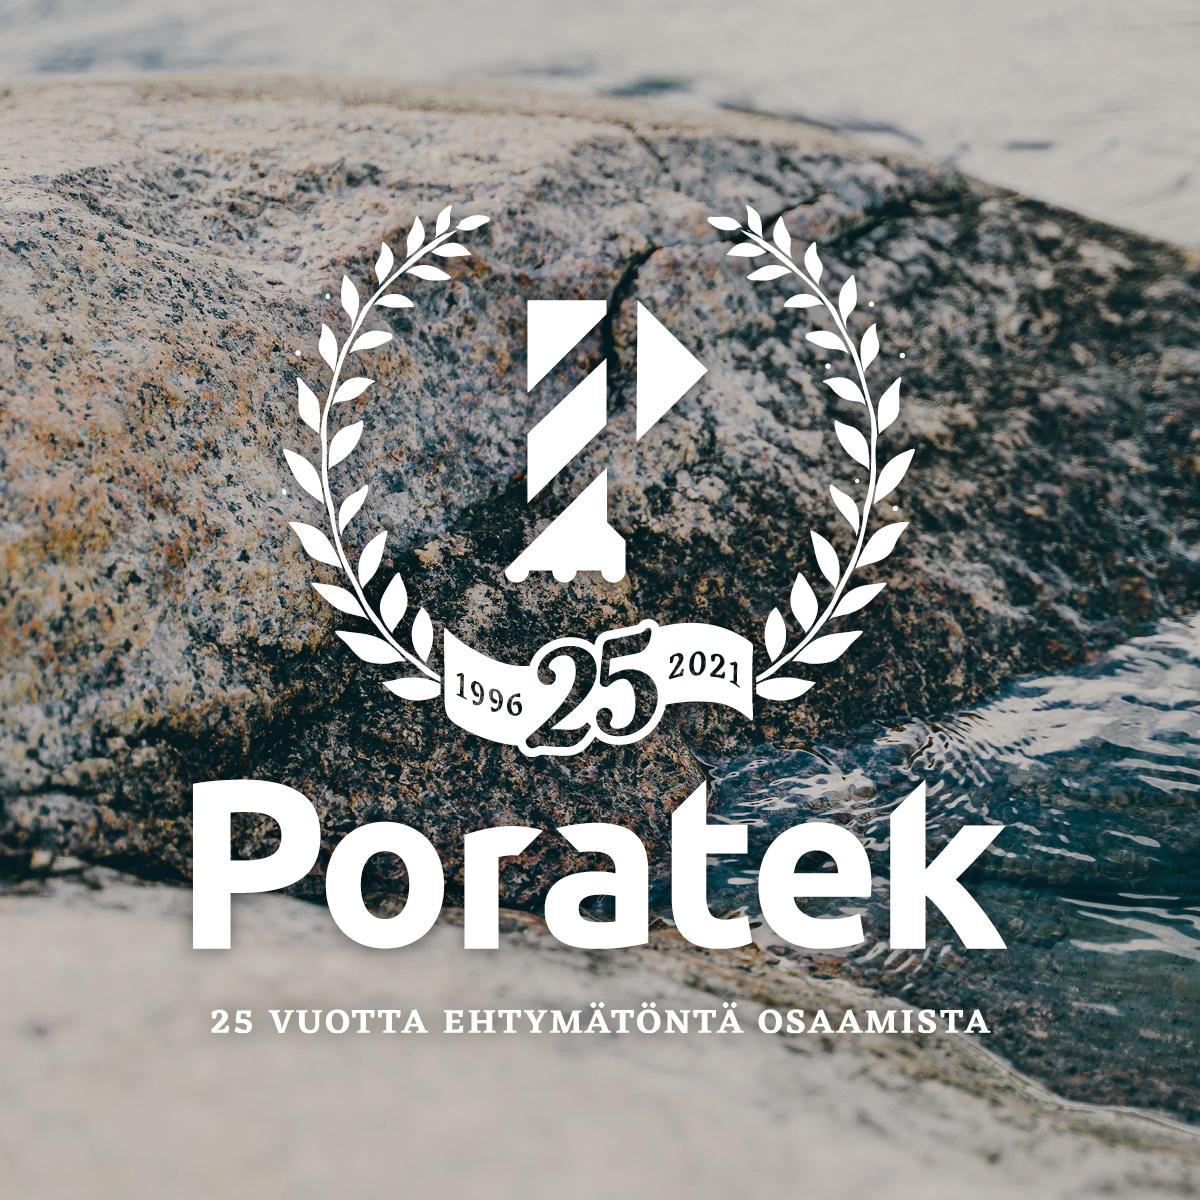 Poratek